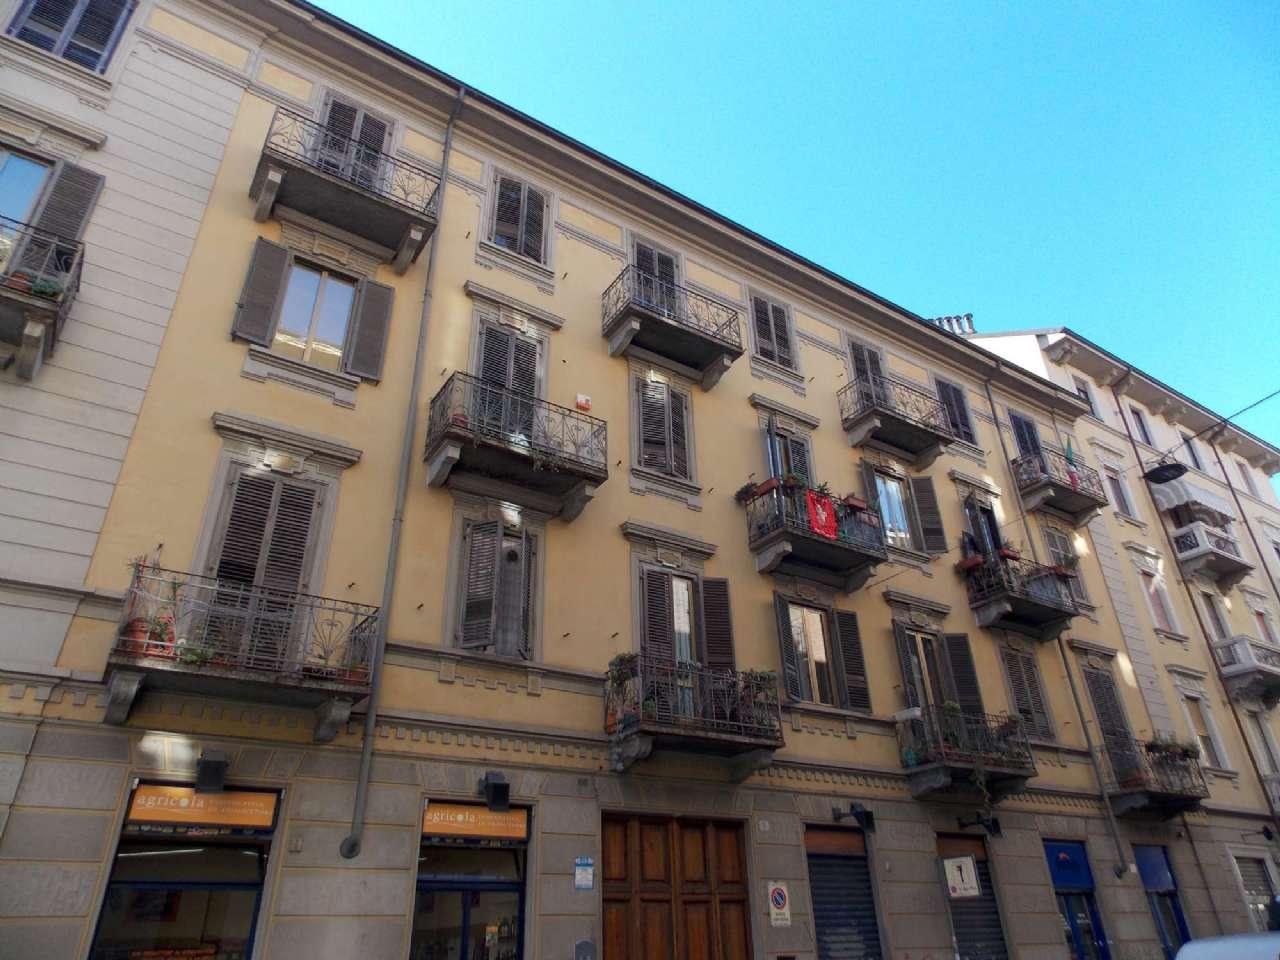 Appartamento in vendita Zona Cit Turin, San Donato, Campidoglio - via Balme Torino